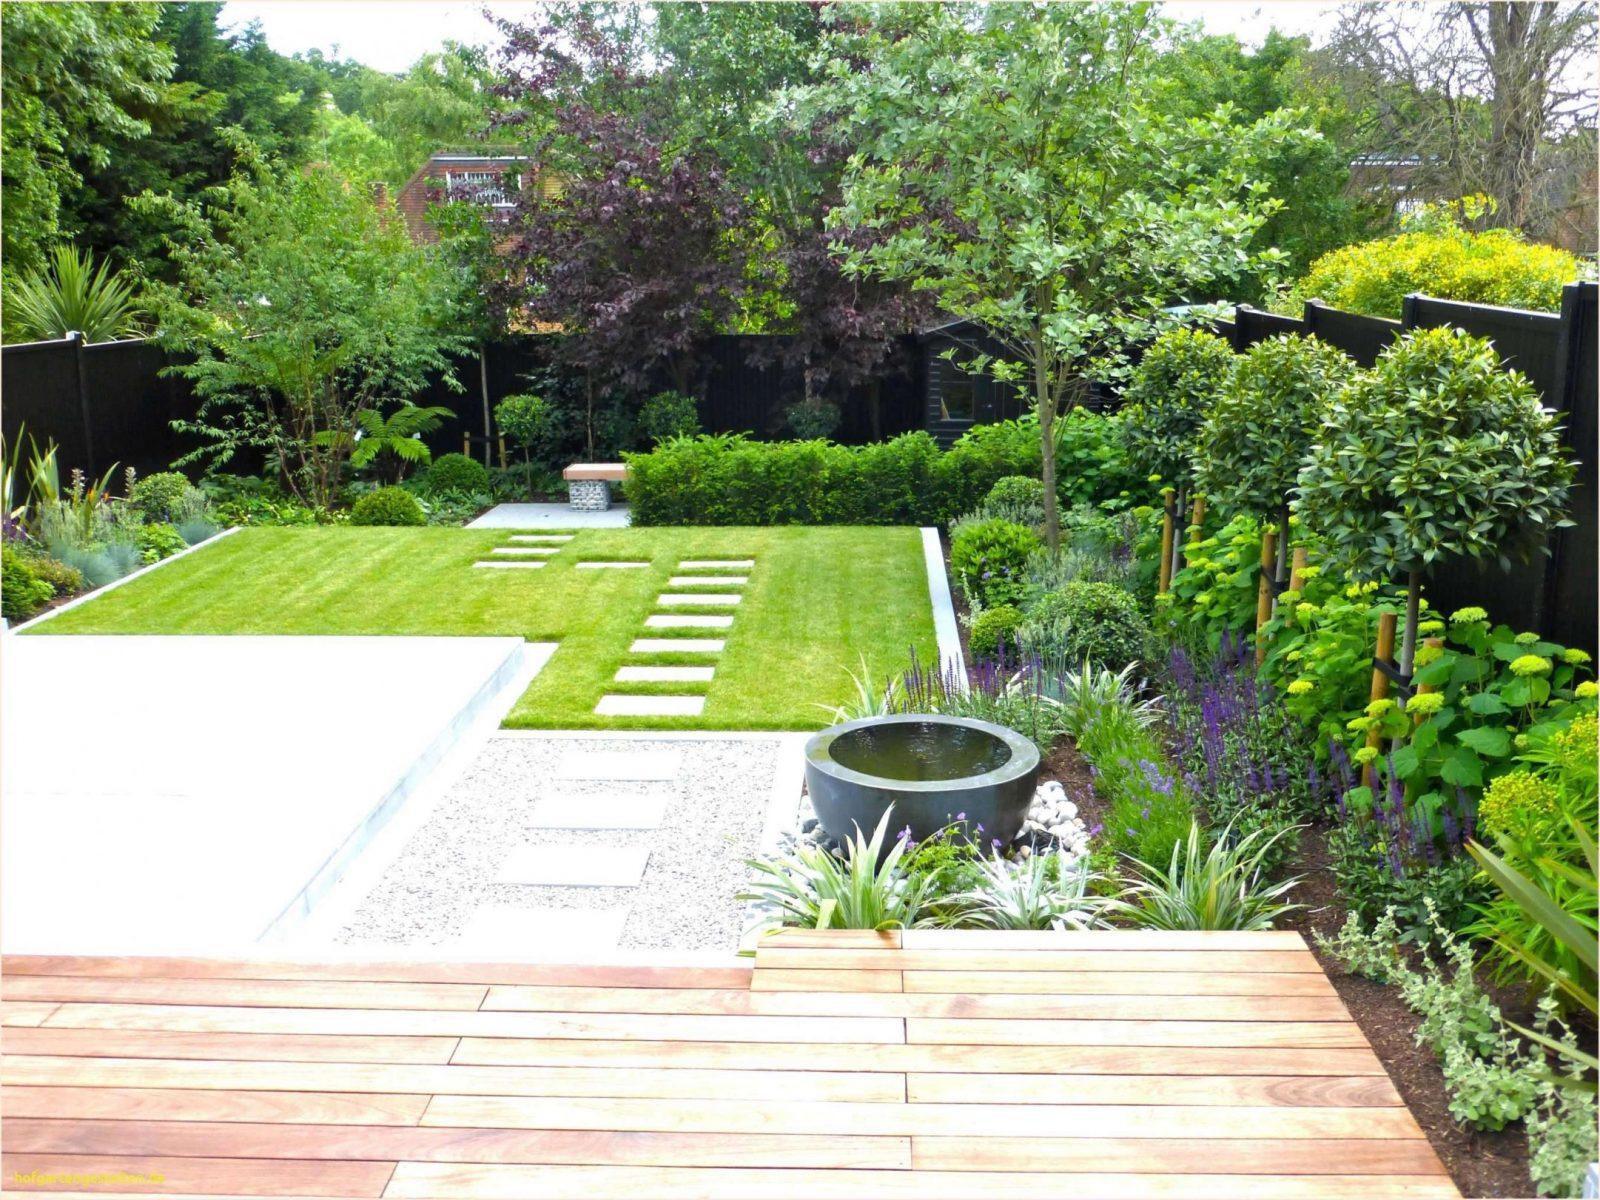 34 Schön Garten Ohne Rasen Beispiele von Kleine Gärten Gestalten Ohne Rasen Photo